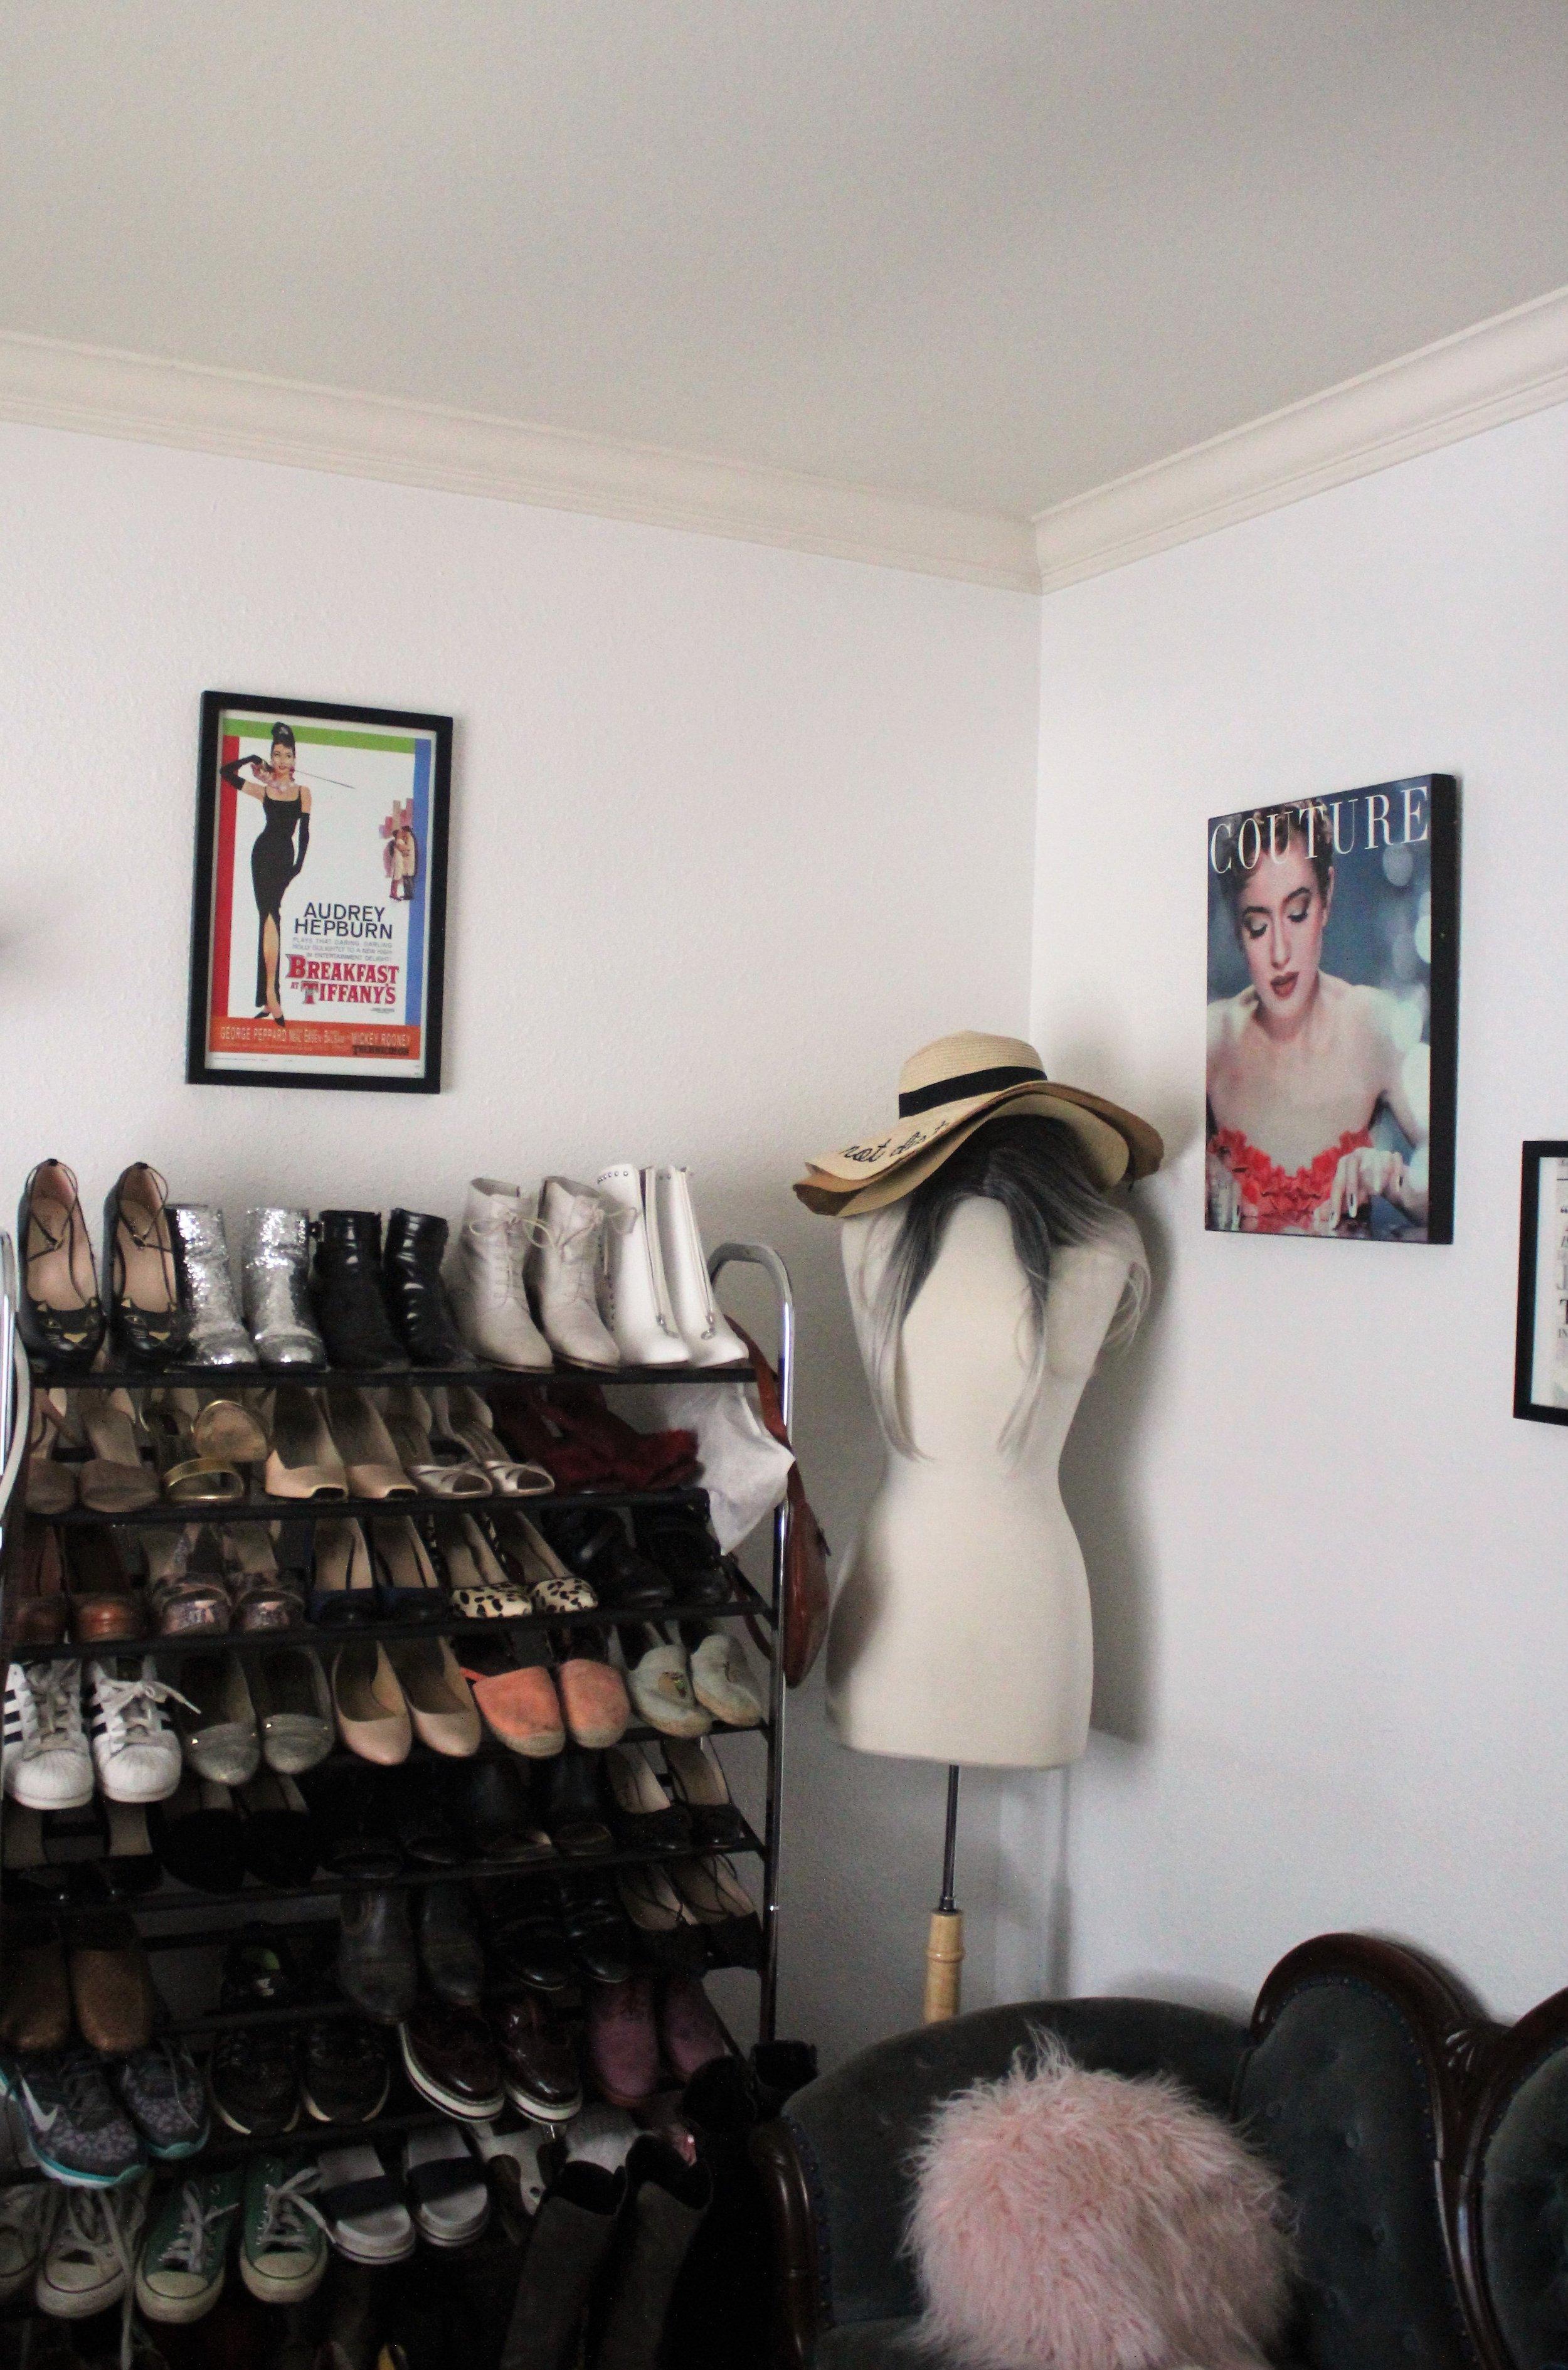 Blogger Home Office Closet of Que Sera Sahra